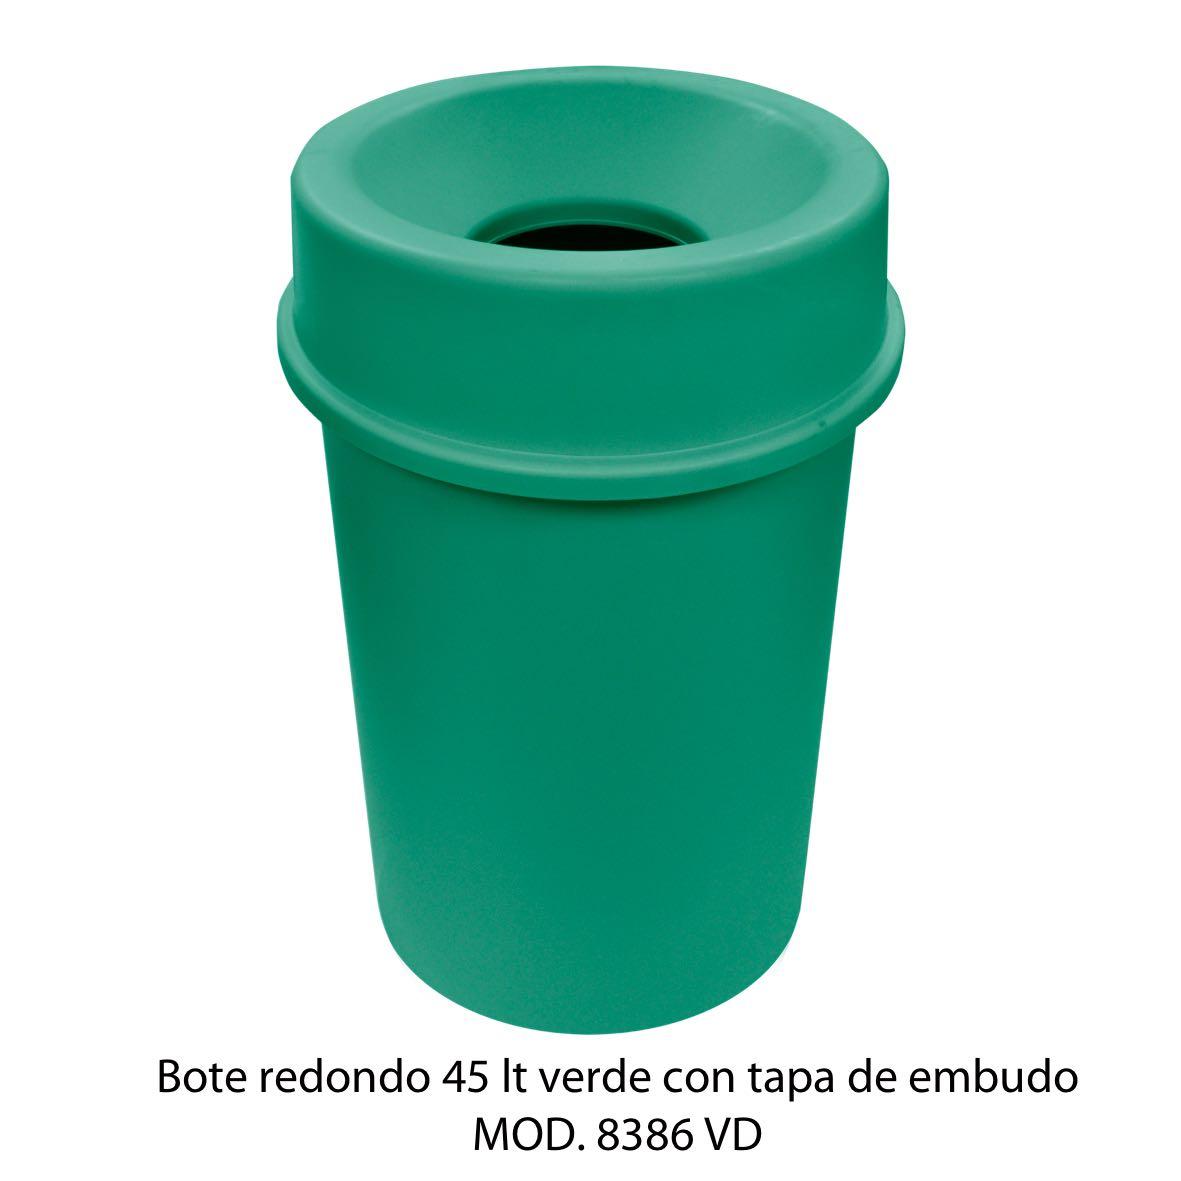 Bote de basura redondo 45 litros con tapa de embudo color verde modelo 8386 VD Sablón